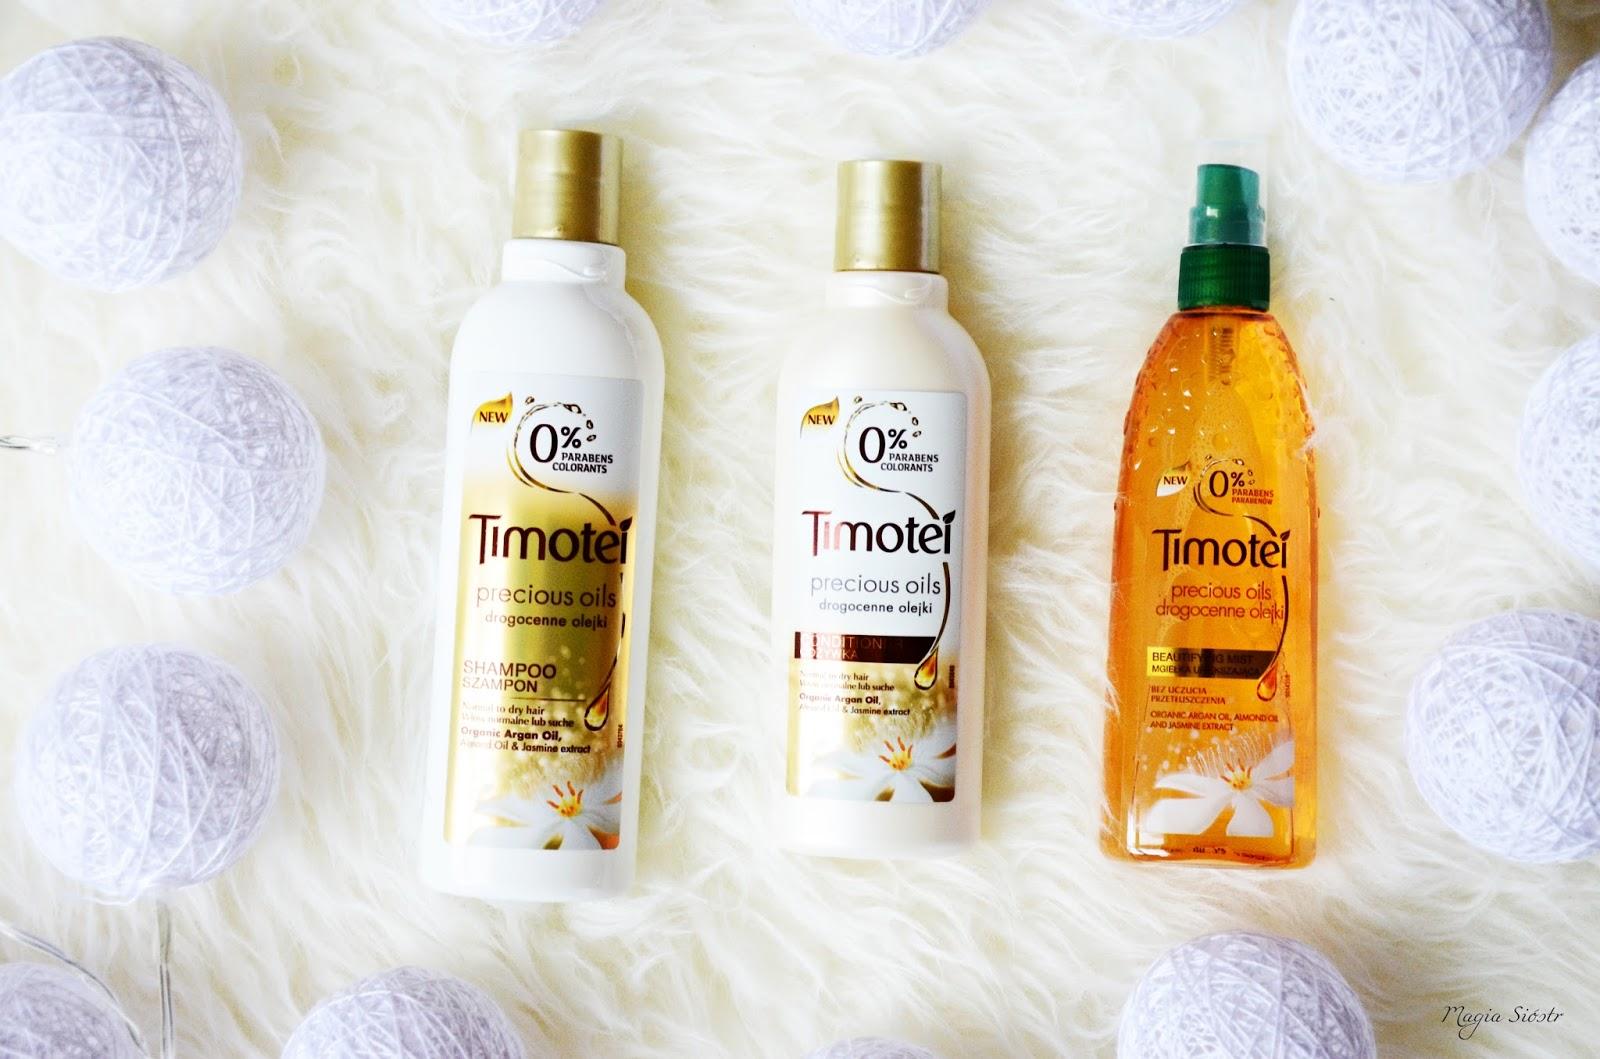 pielęgnacja włosów, Timotei - Drogocenne Olejki, olejki do włosów, nawilżenie włosów